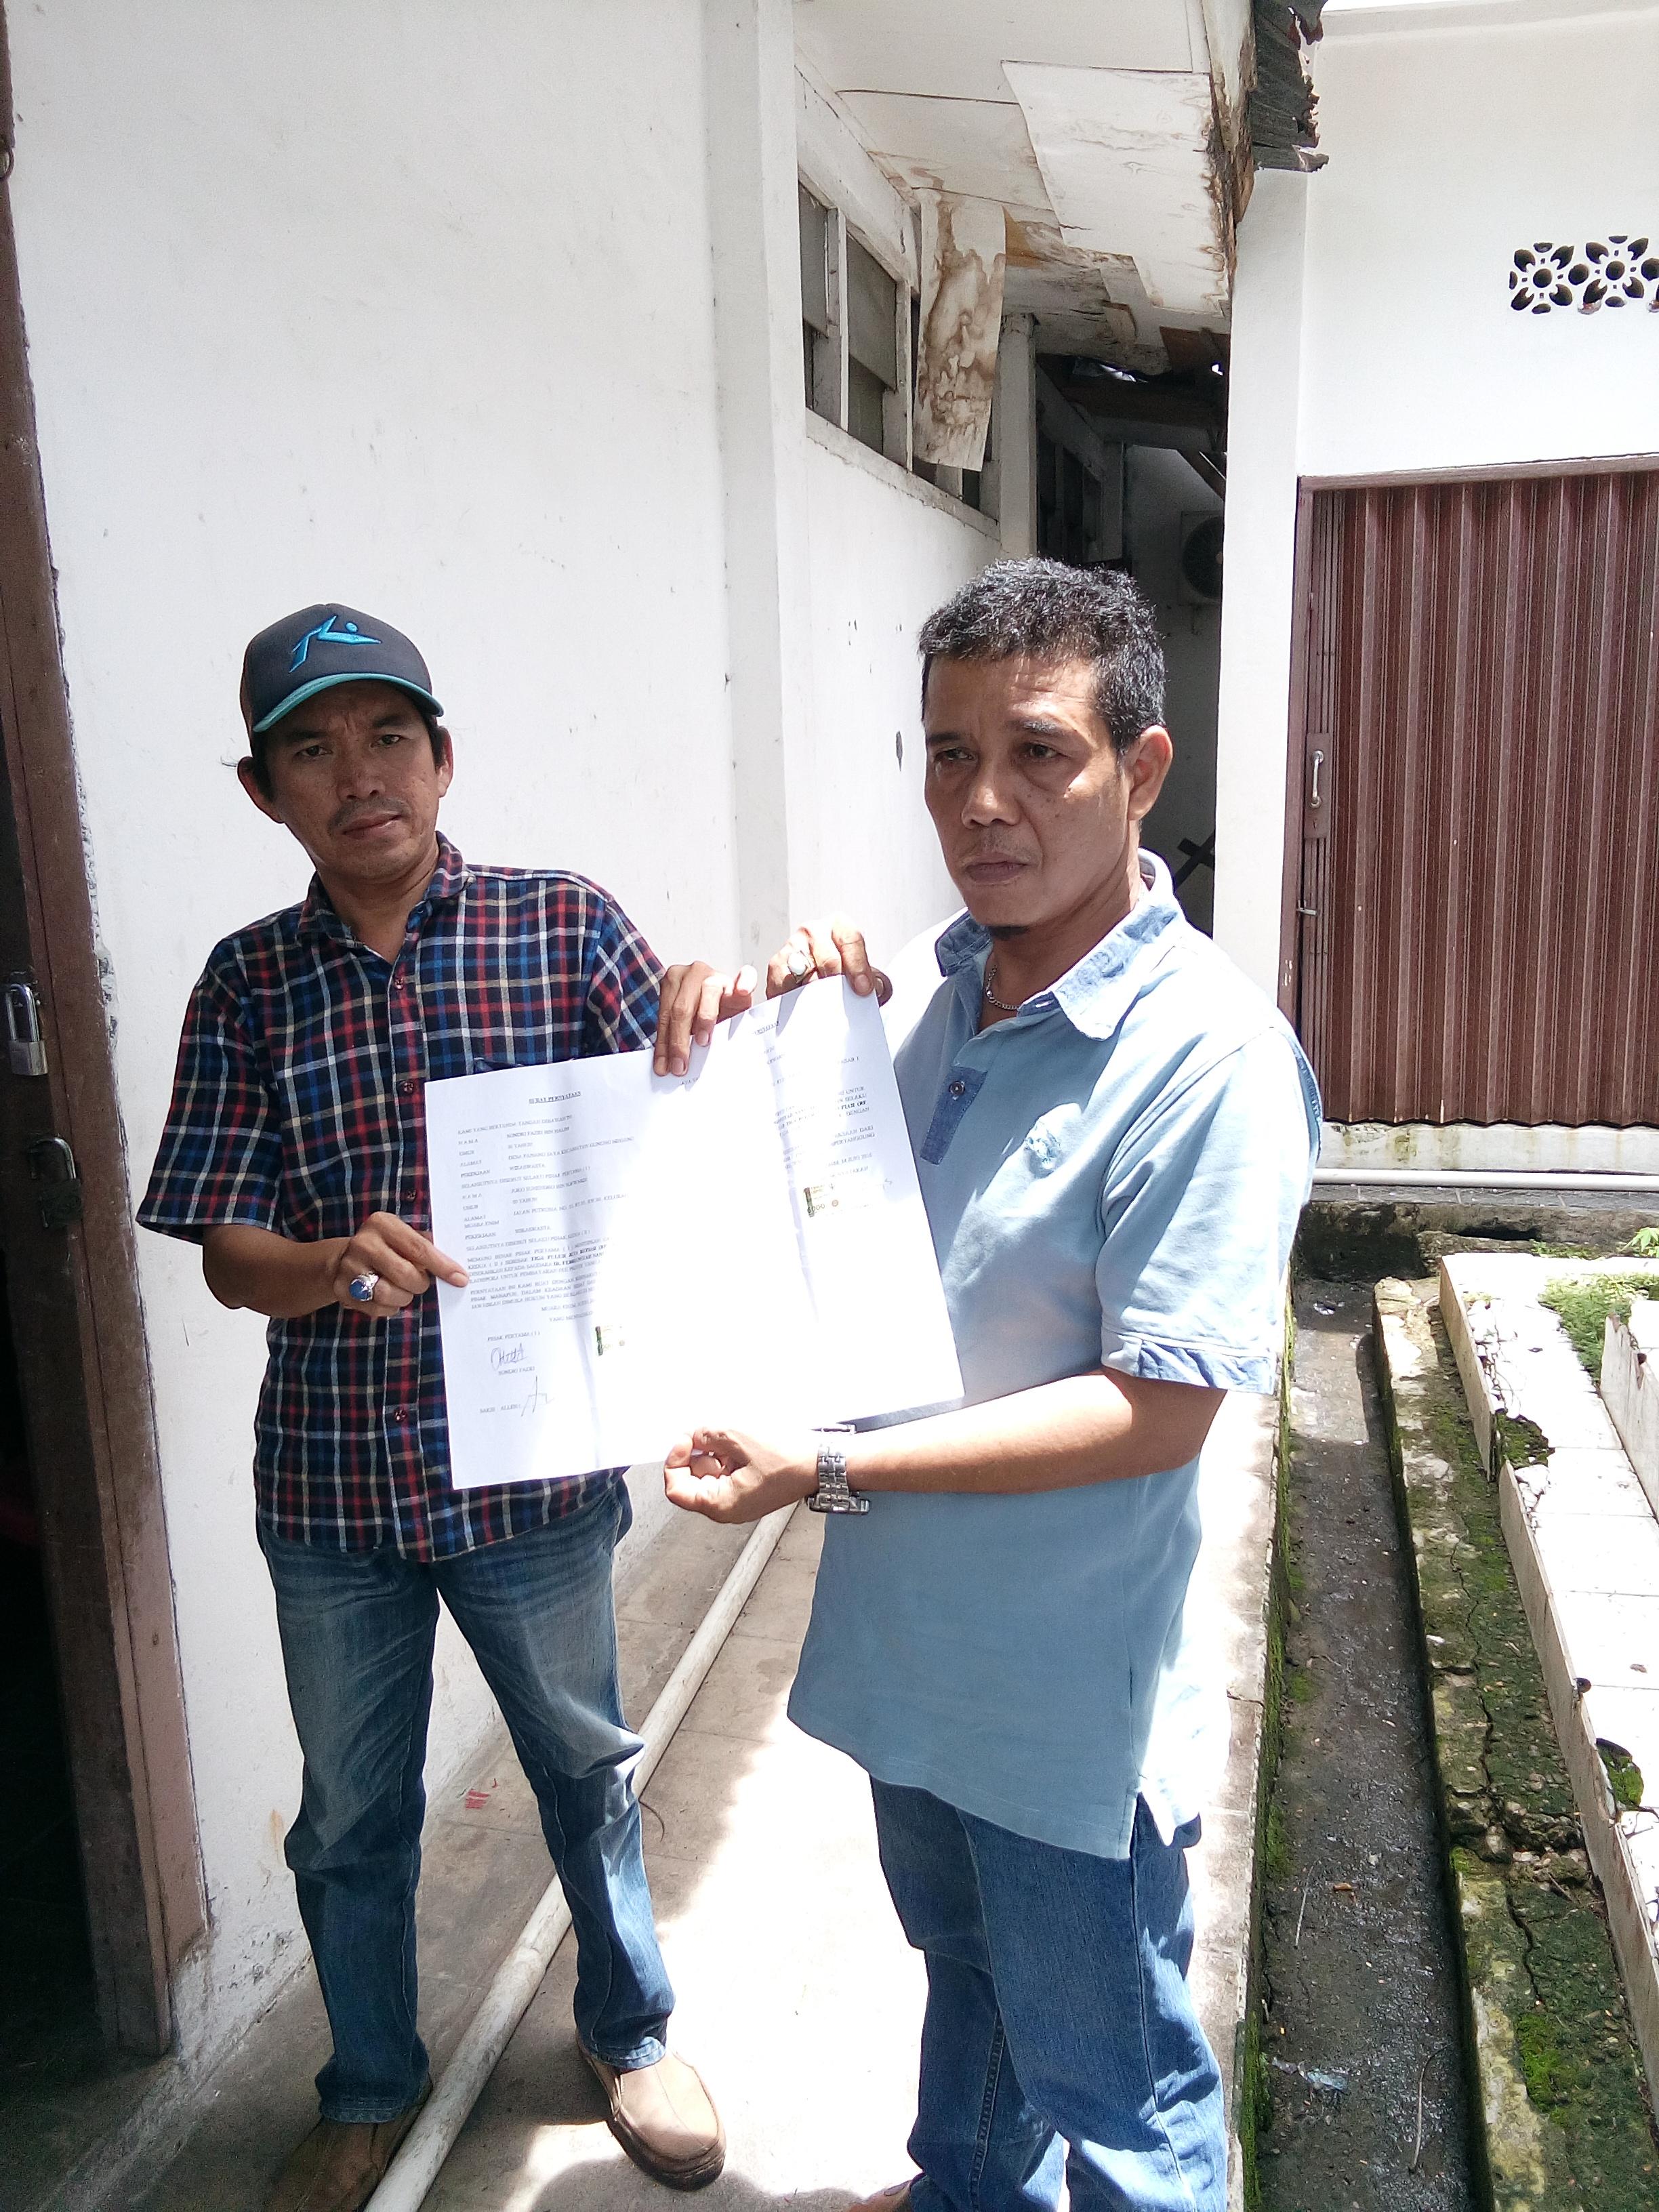 Sodri Fazri bersama Imam Suranta saat menunjukan surat pernyataan penyerahan uang kepada Kadisporapar